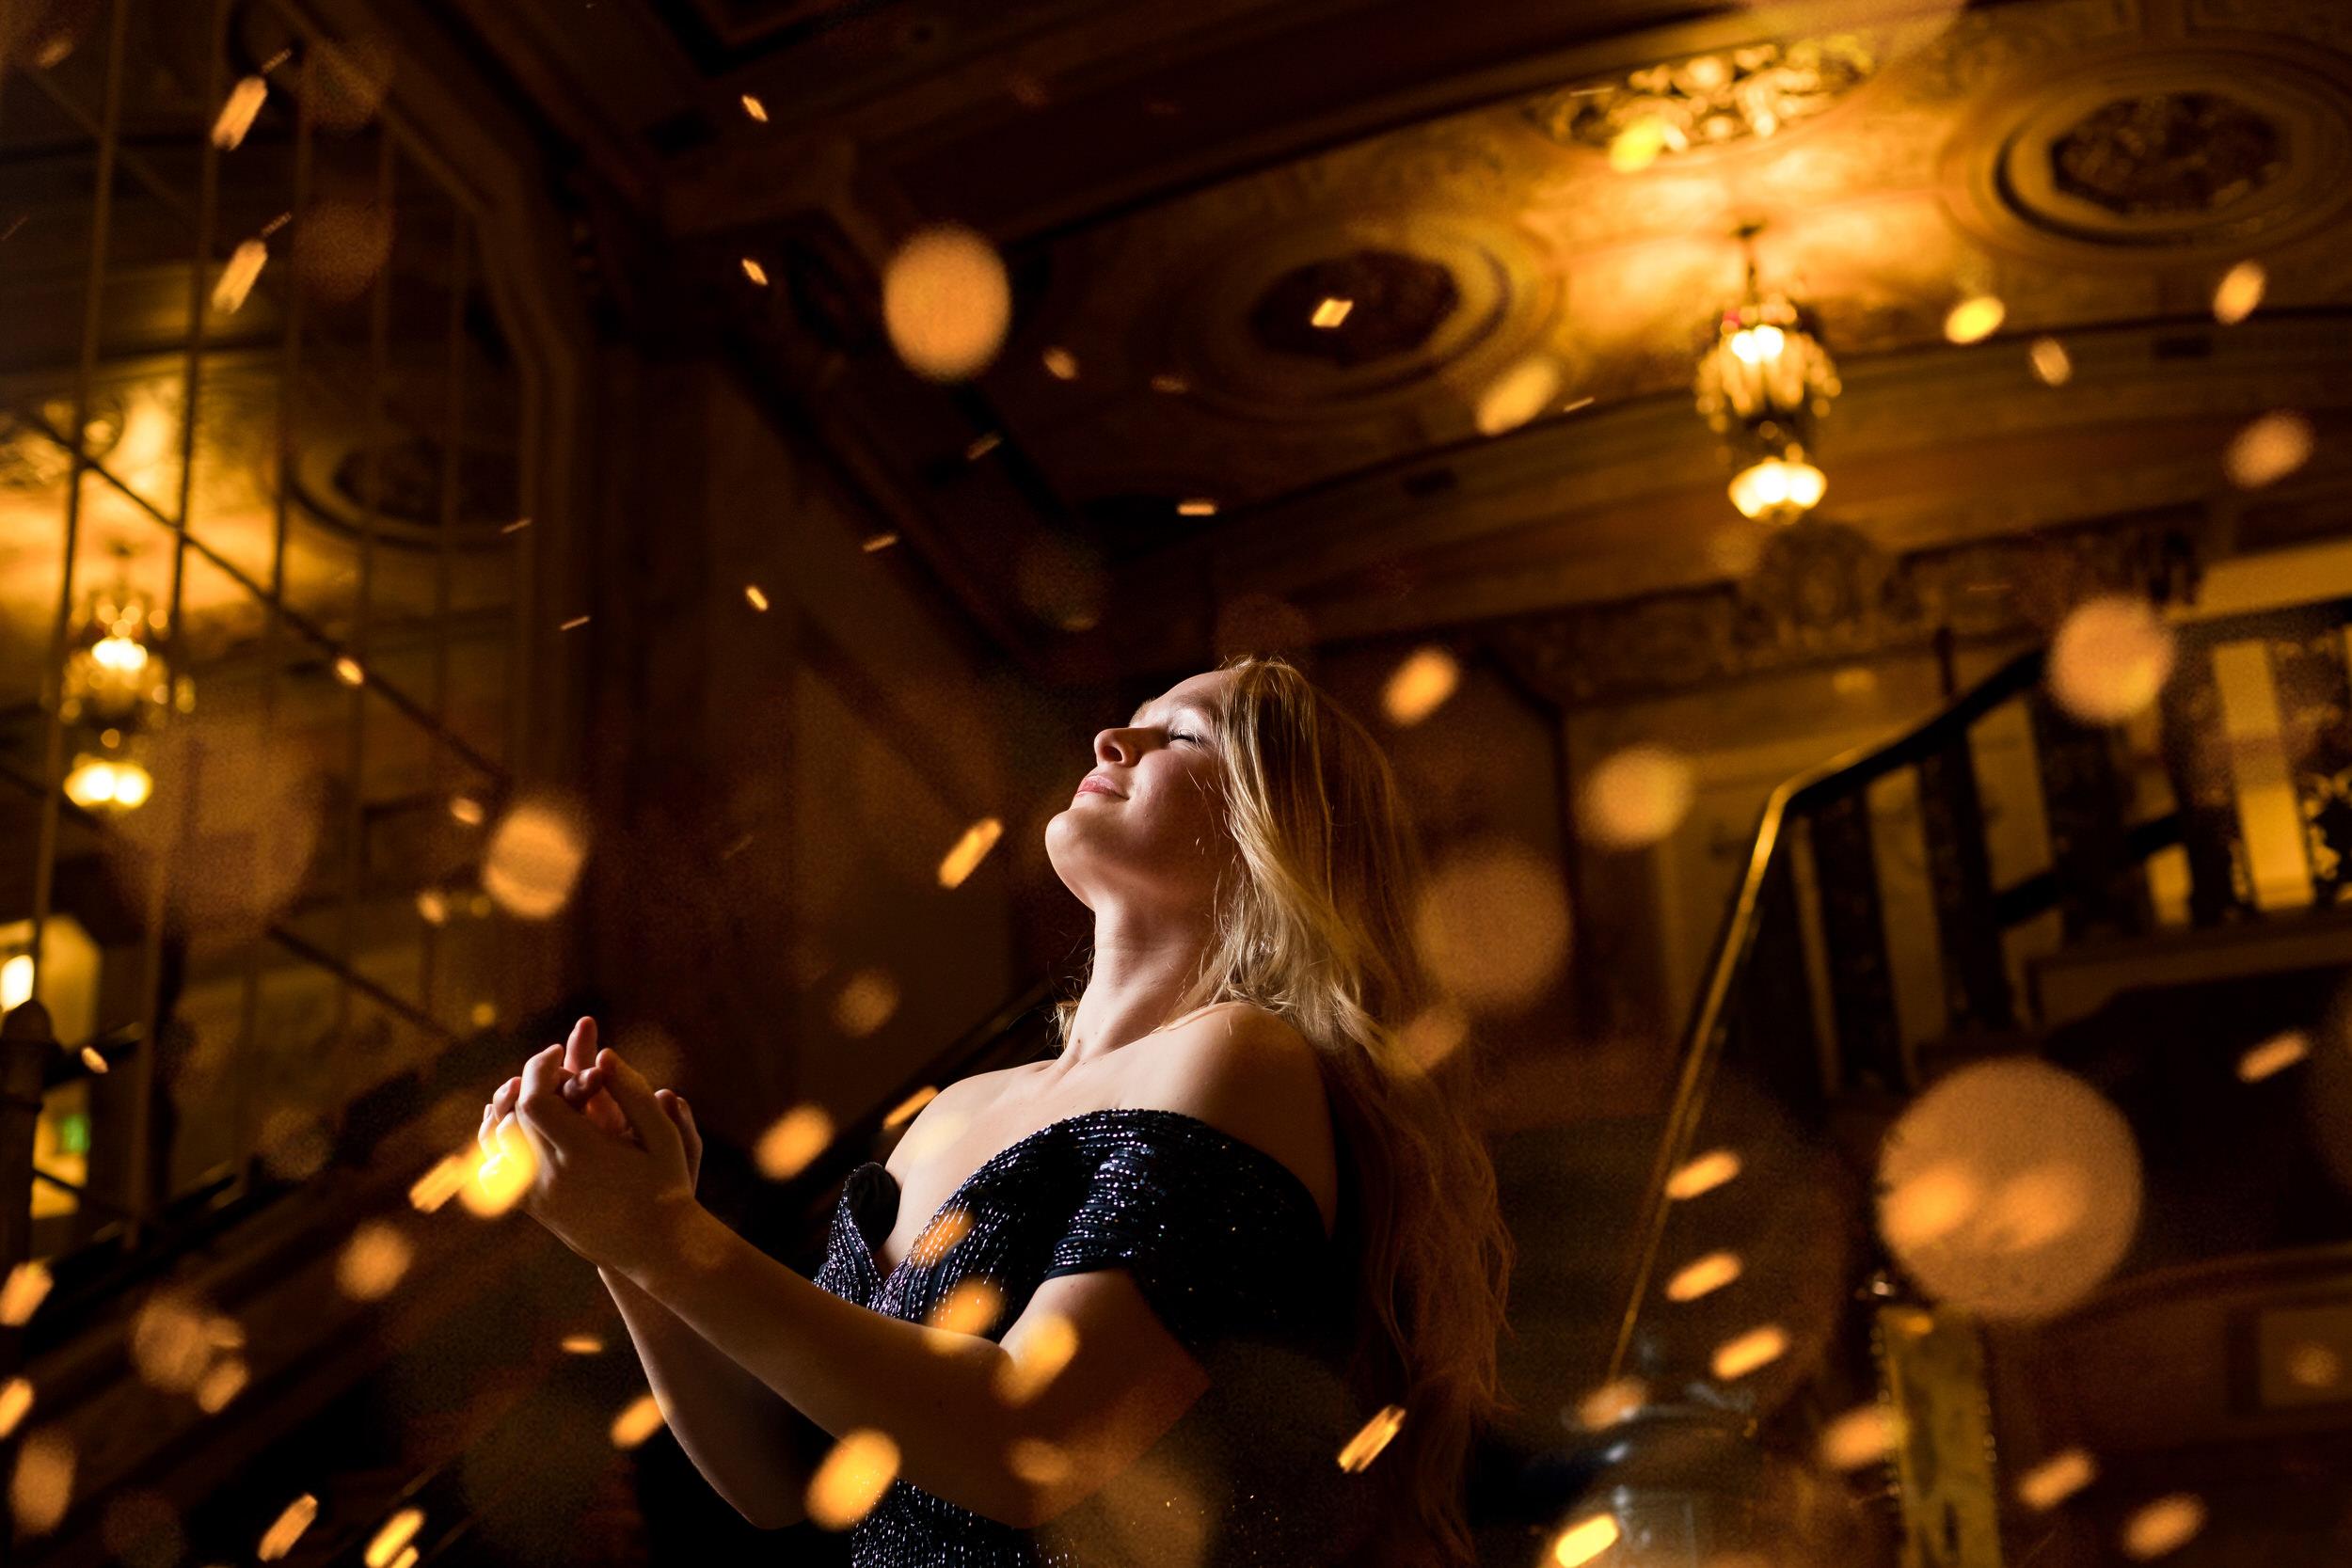 Siena_Licht_Miller_Opera_Singer_arlene_schnitzer_013